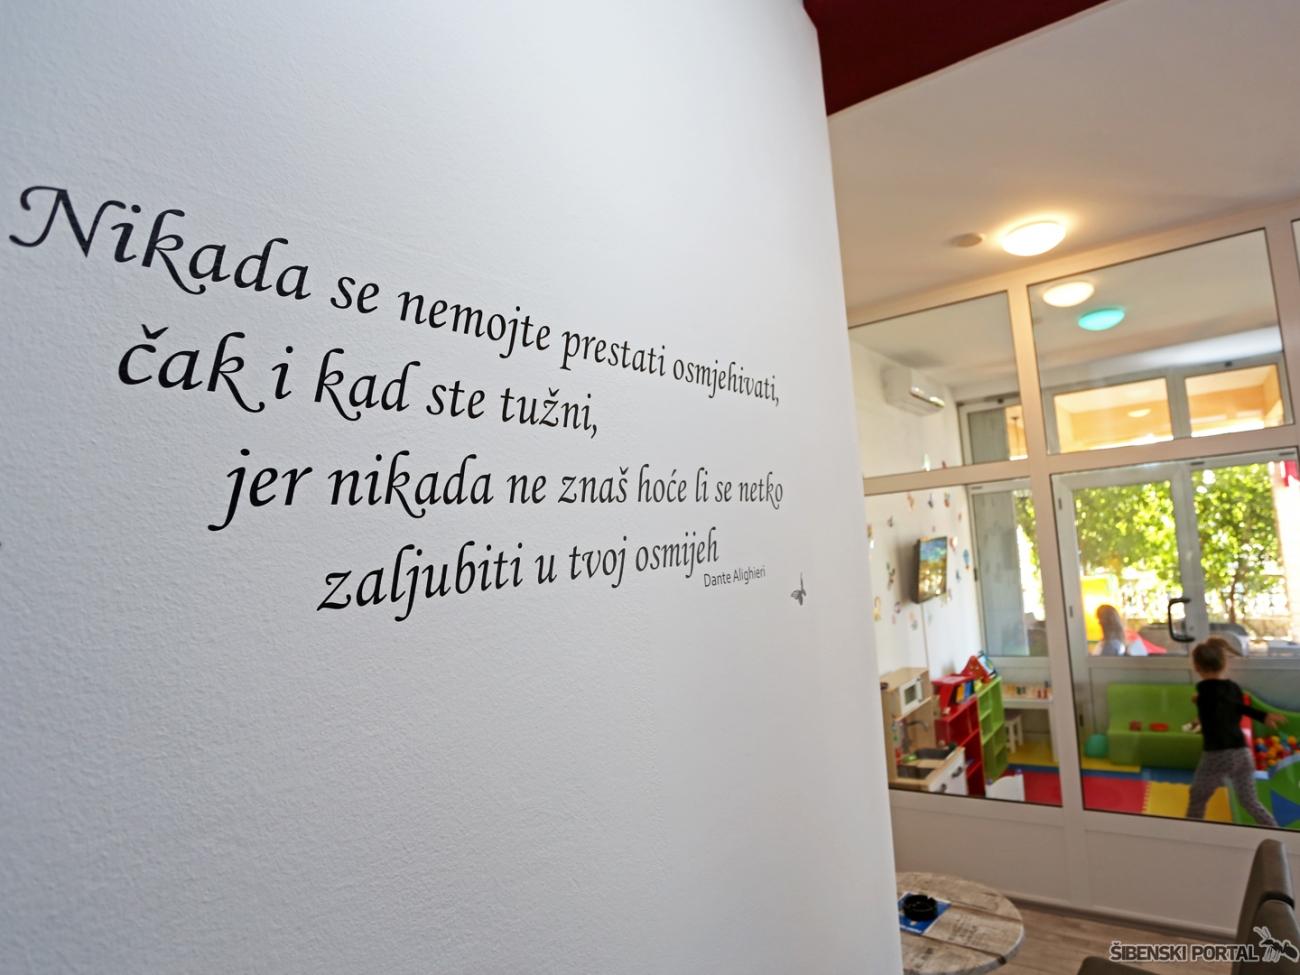 book caffe legen vidici 070917 22